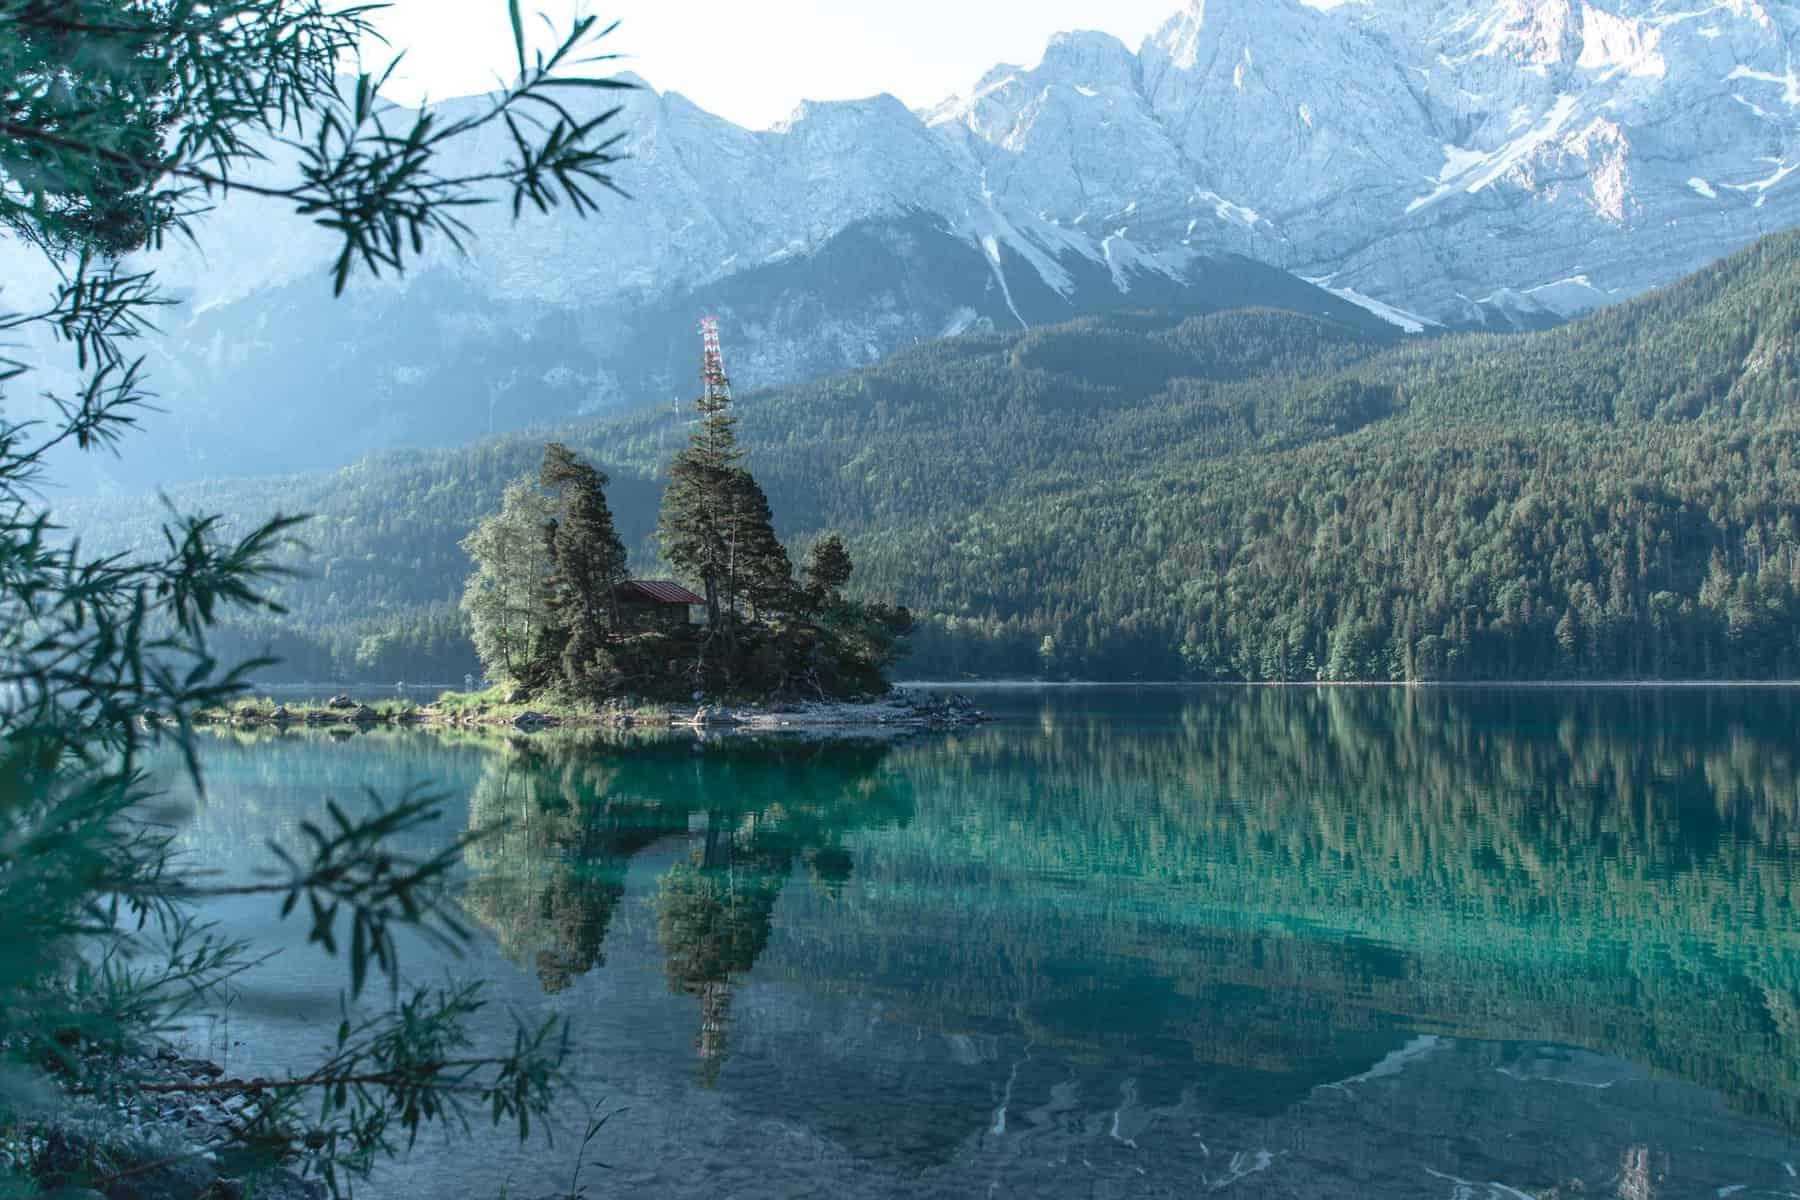 Best hikes in Bavaria - Eibsee